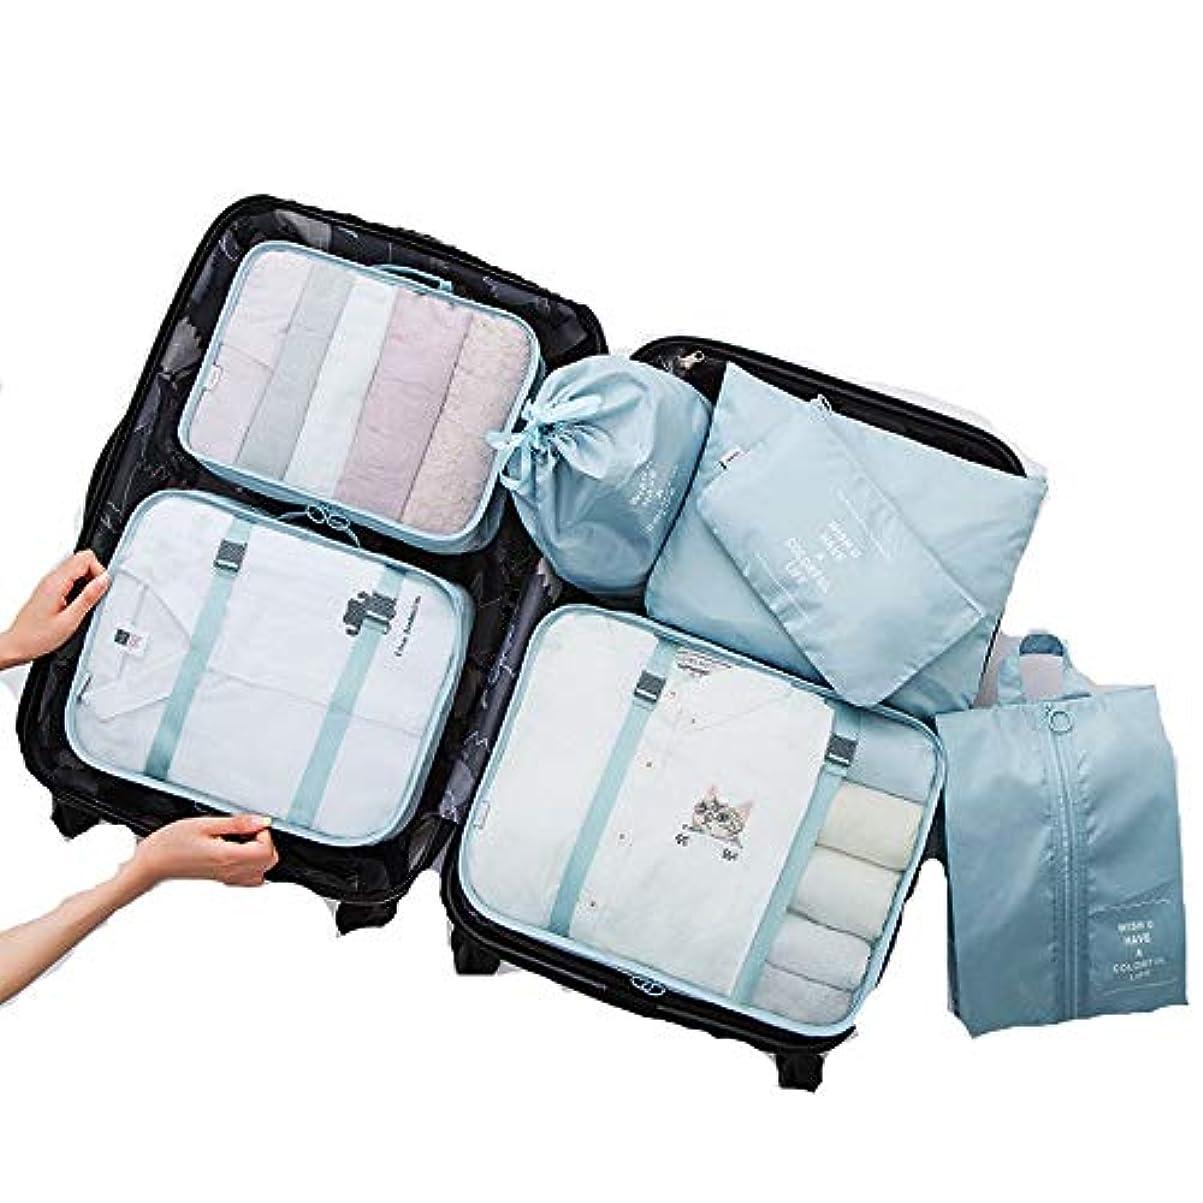 亡命ピンポイント米国Chennong 素敵な新鮮な旅行収納袋、荷物収納袋、多機能収納袋、トラベルスカイブルー(7セット)